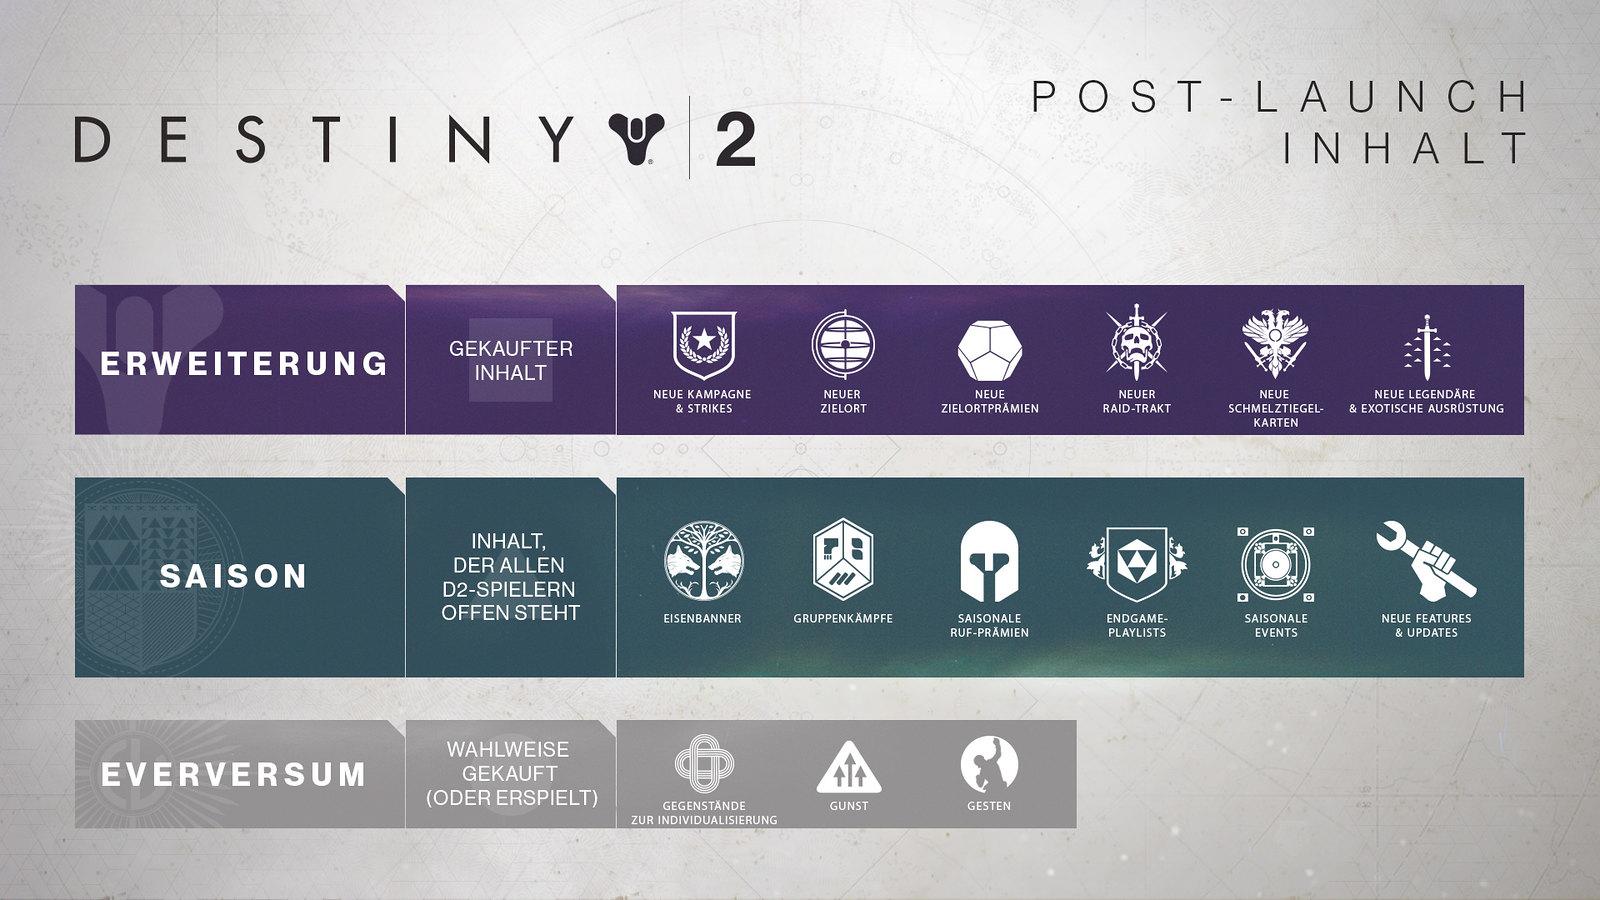 post_launch_content_infographic_DE